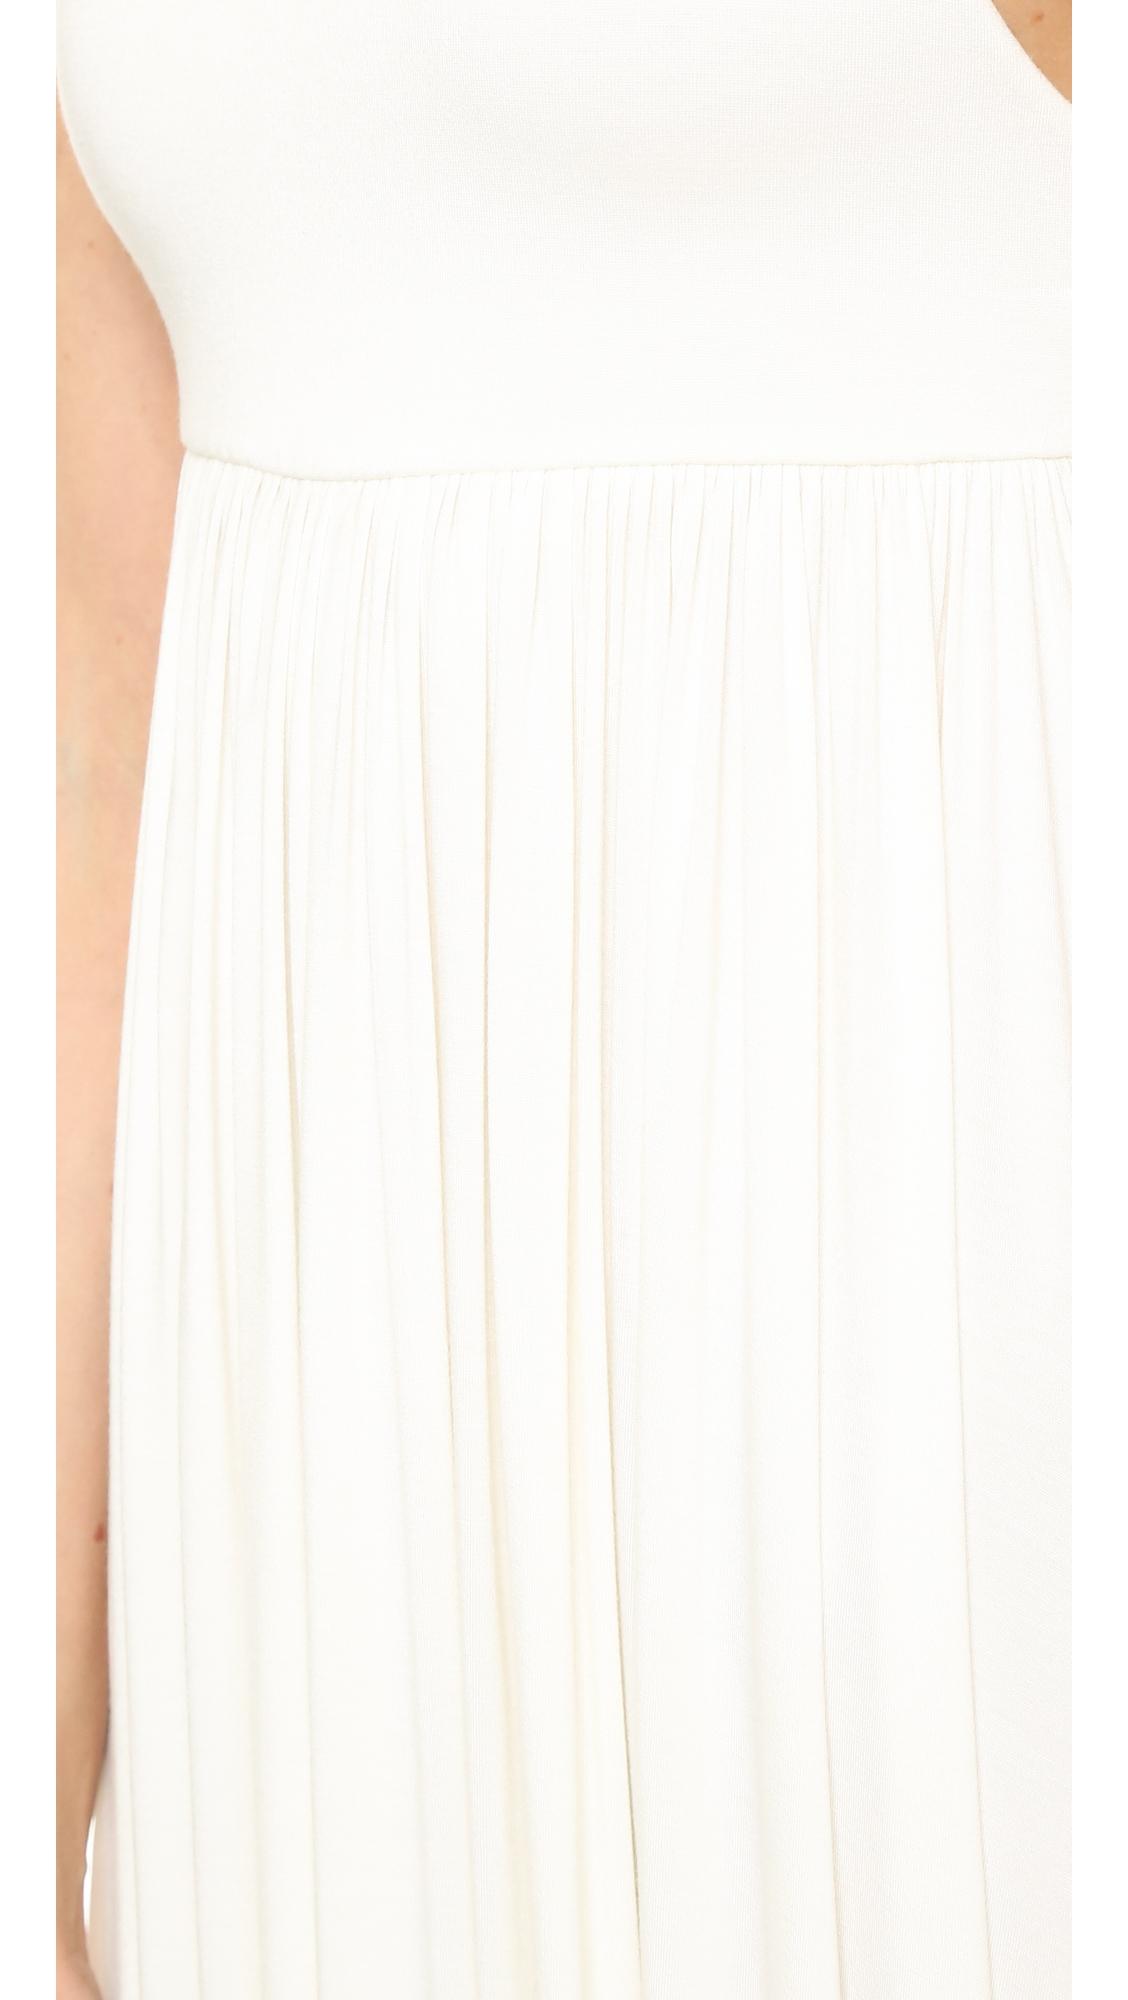 Макси-платье Anya Rachel Pally  (RPALL4020712397112)